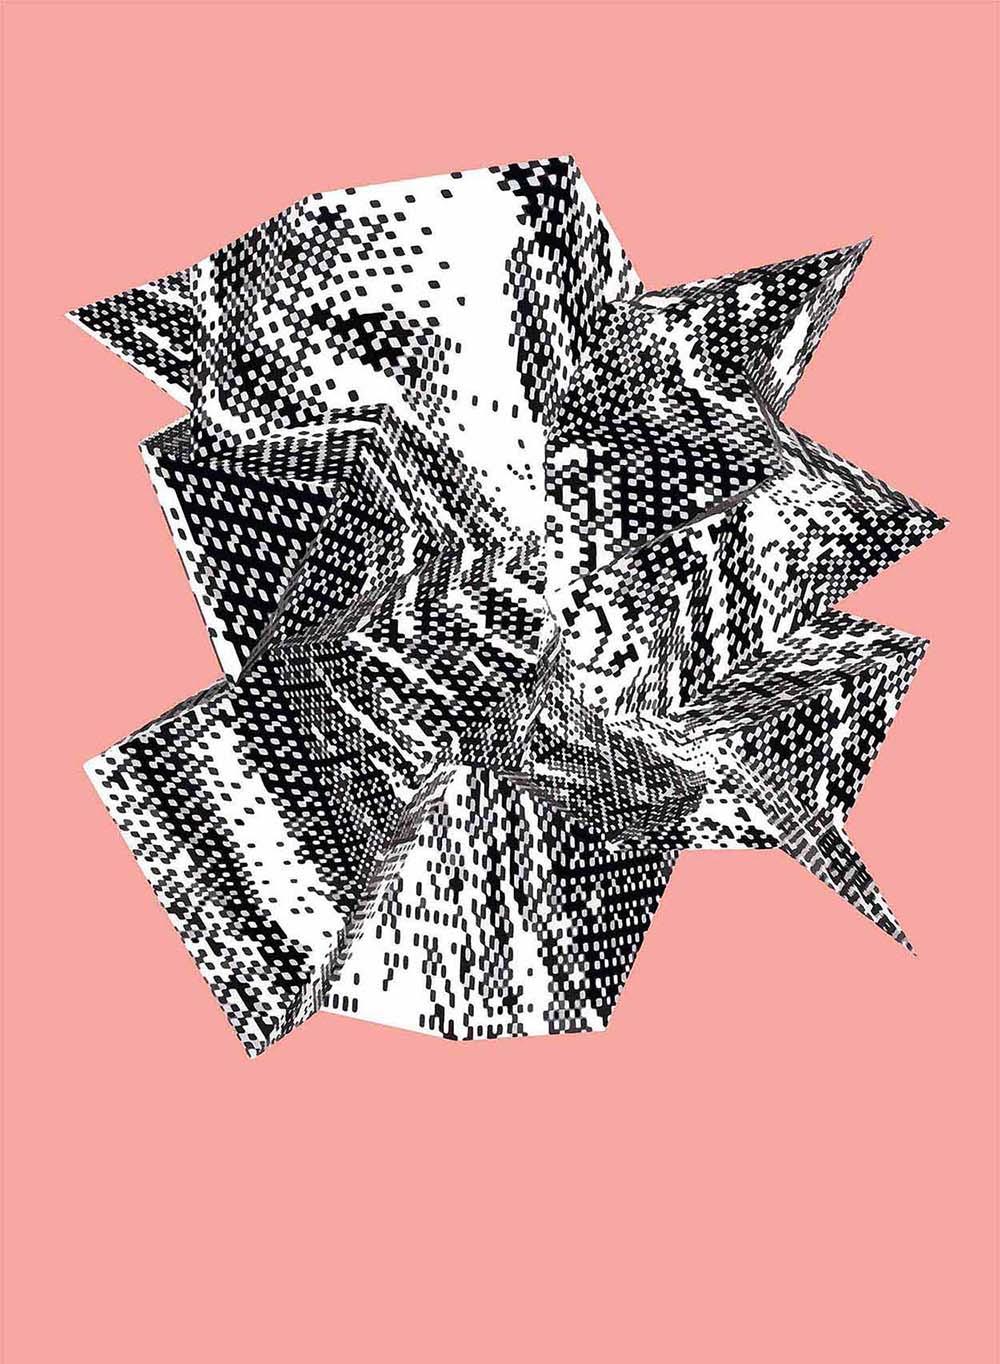 Print_33x45_Orange 1_2_z_2_3_sm.jpg